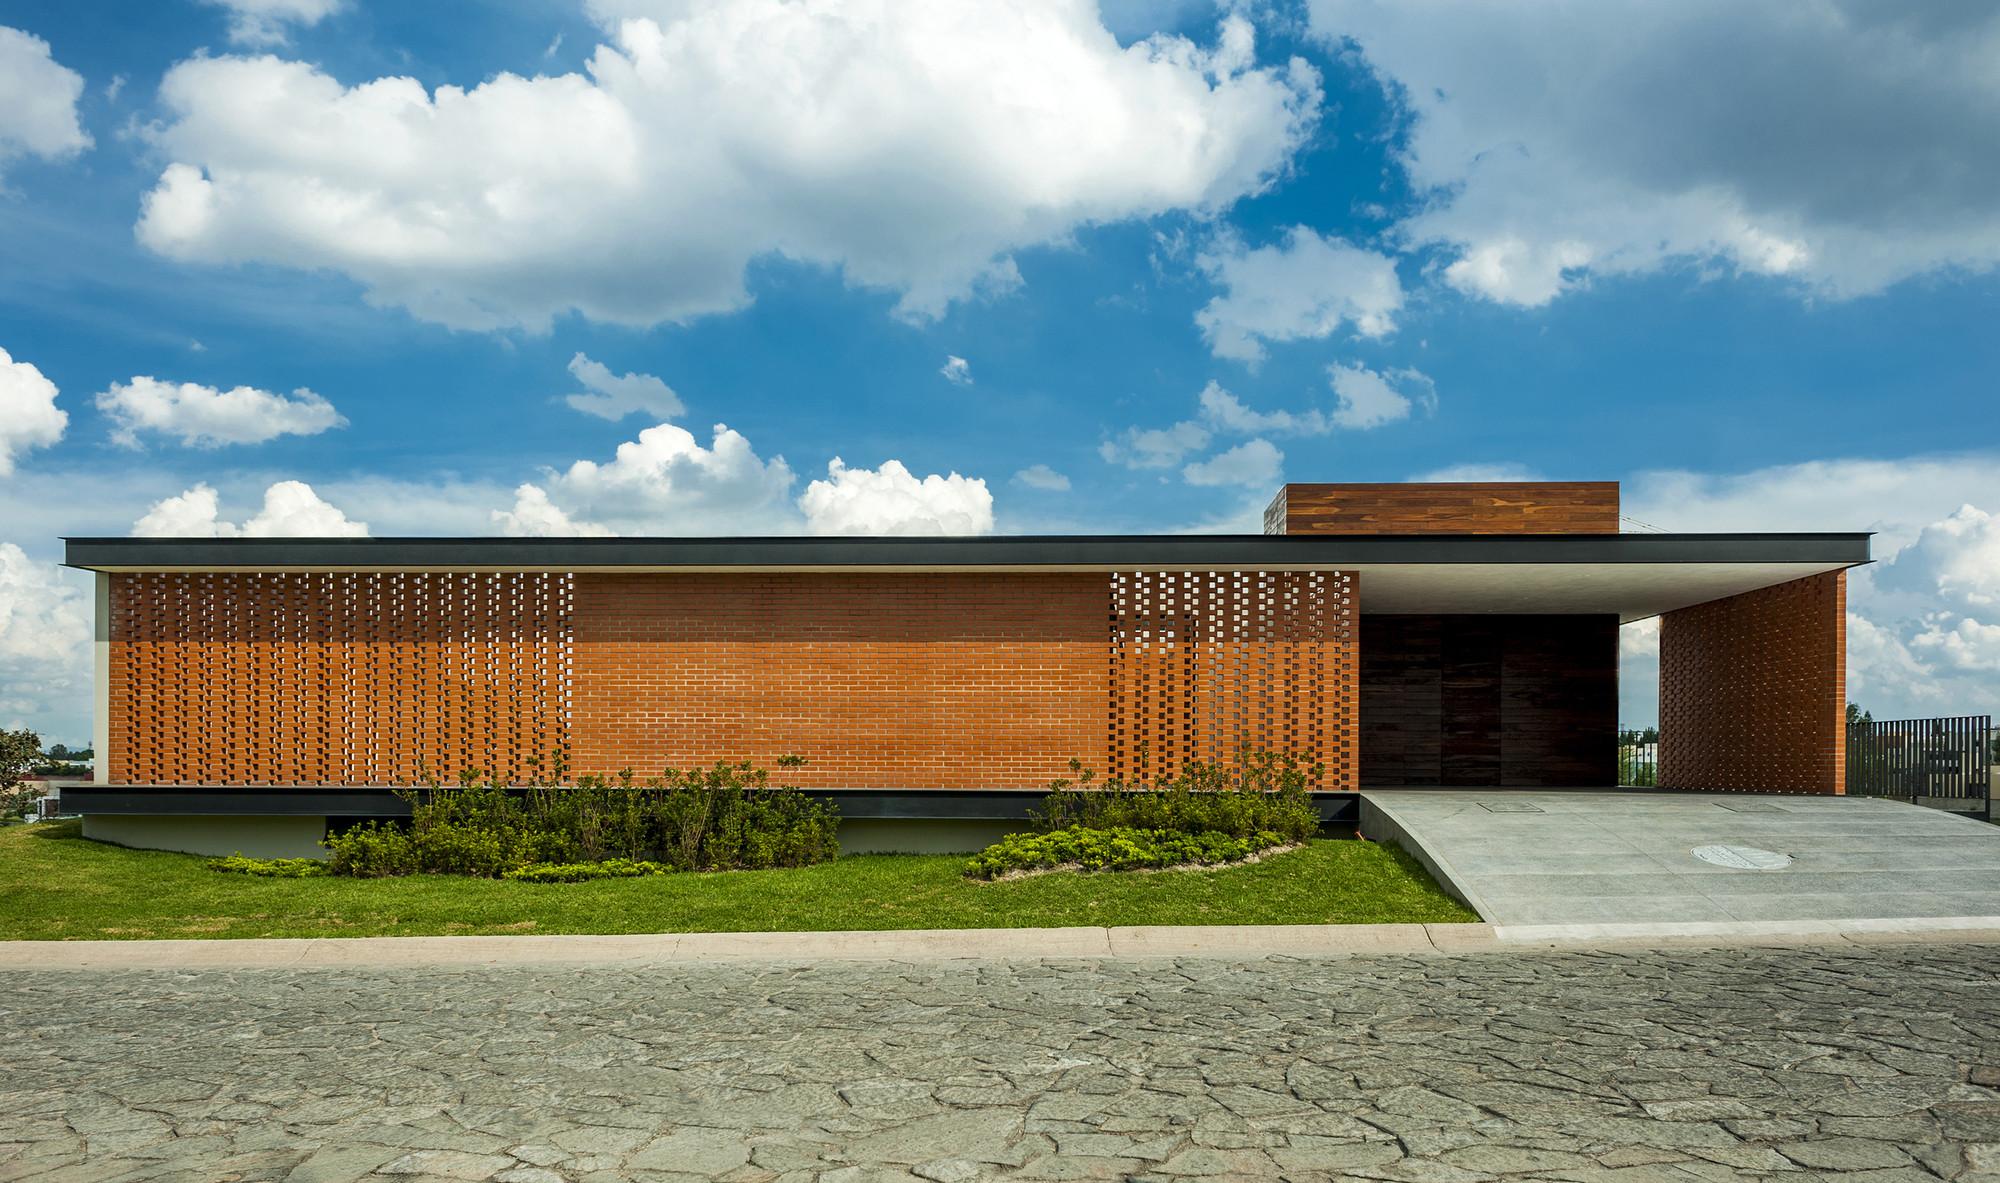 Ro House / Alexanderson Arquitectos, Courtesy of Alexanderson Arquitectos